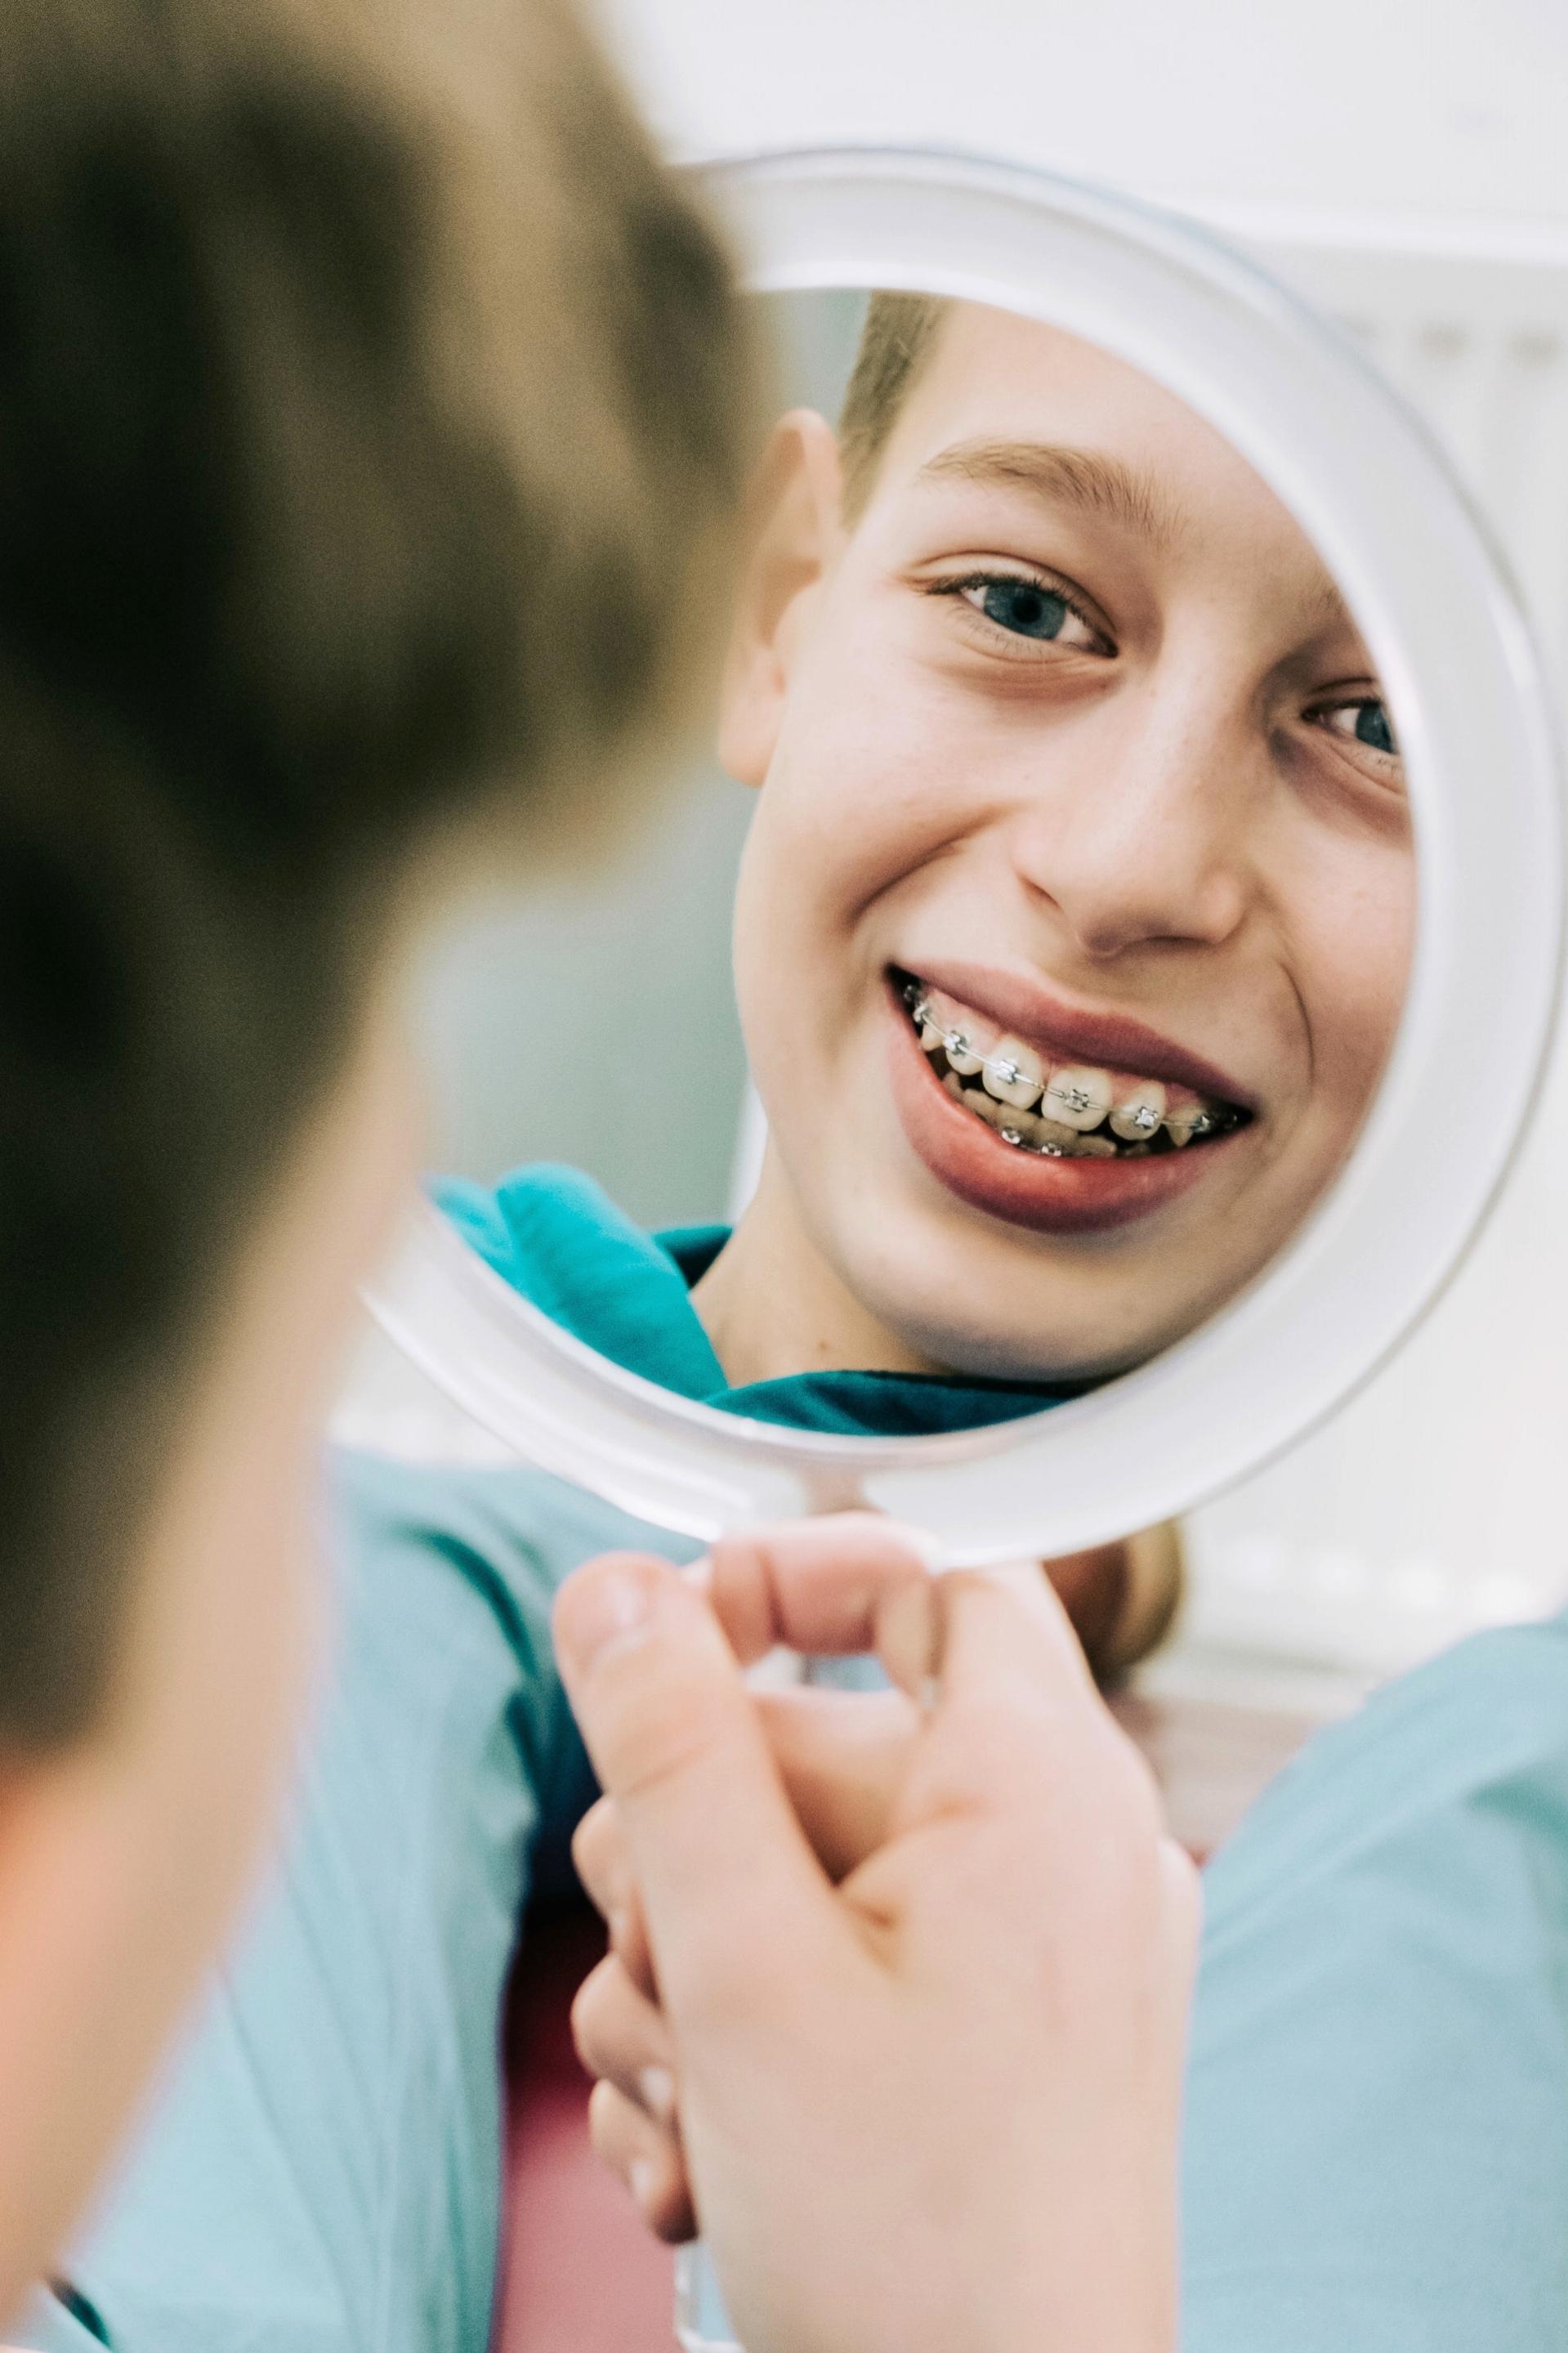 Jugendliche - Die meisten unserer Patienten sind im Alter zwischen 9 und 14 Jahren. Wir haben sehr gute Erfahrungen mit zahnfreundlichen Brackets gemacht. Es ist nur in wenigen Ausnahmefällen nötig, Zähne zu ziehen.mehr erfahren →